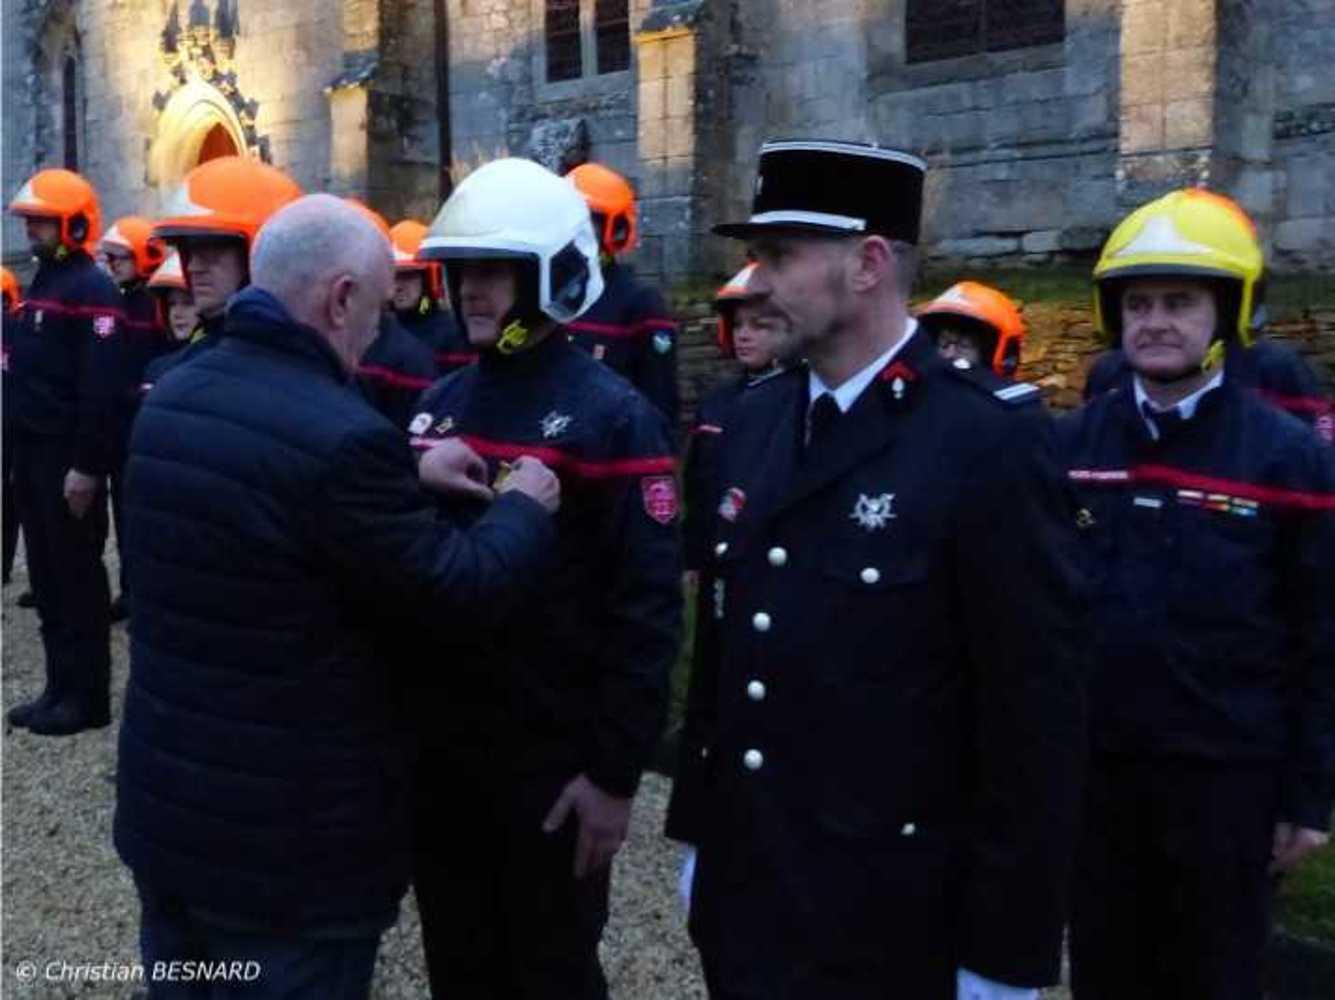 Amicale des Sapeurs Pompiers image1